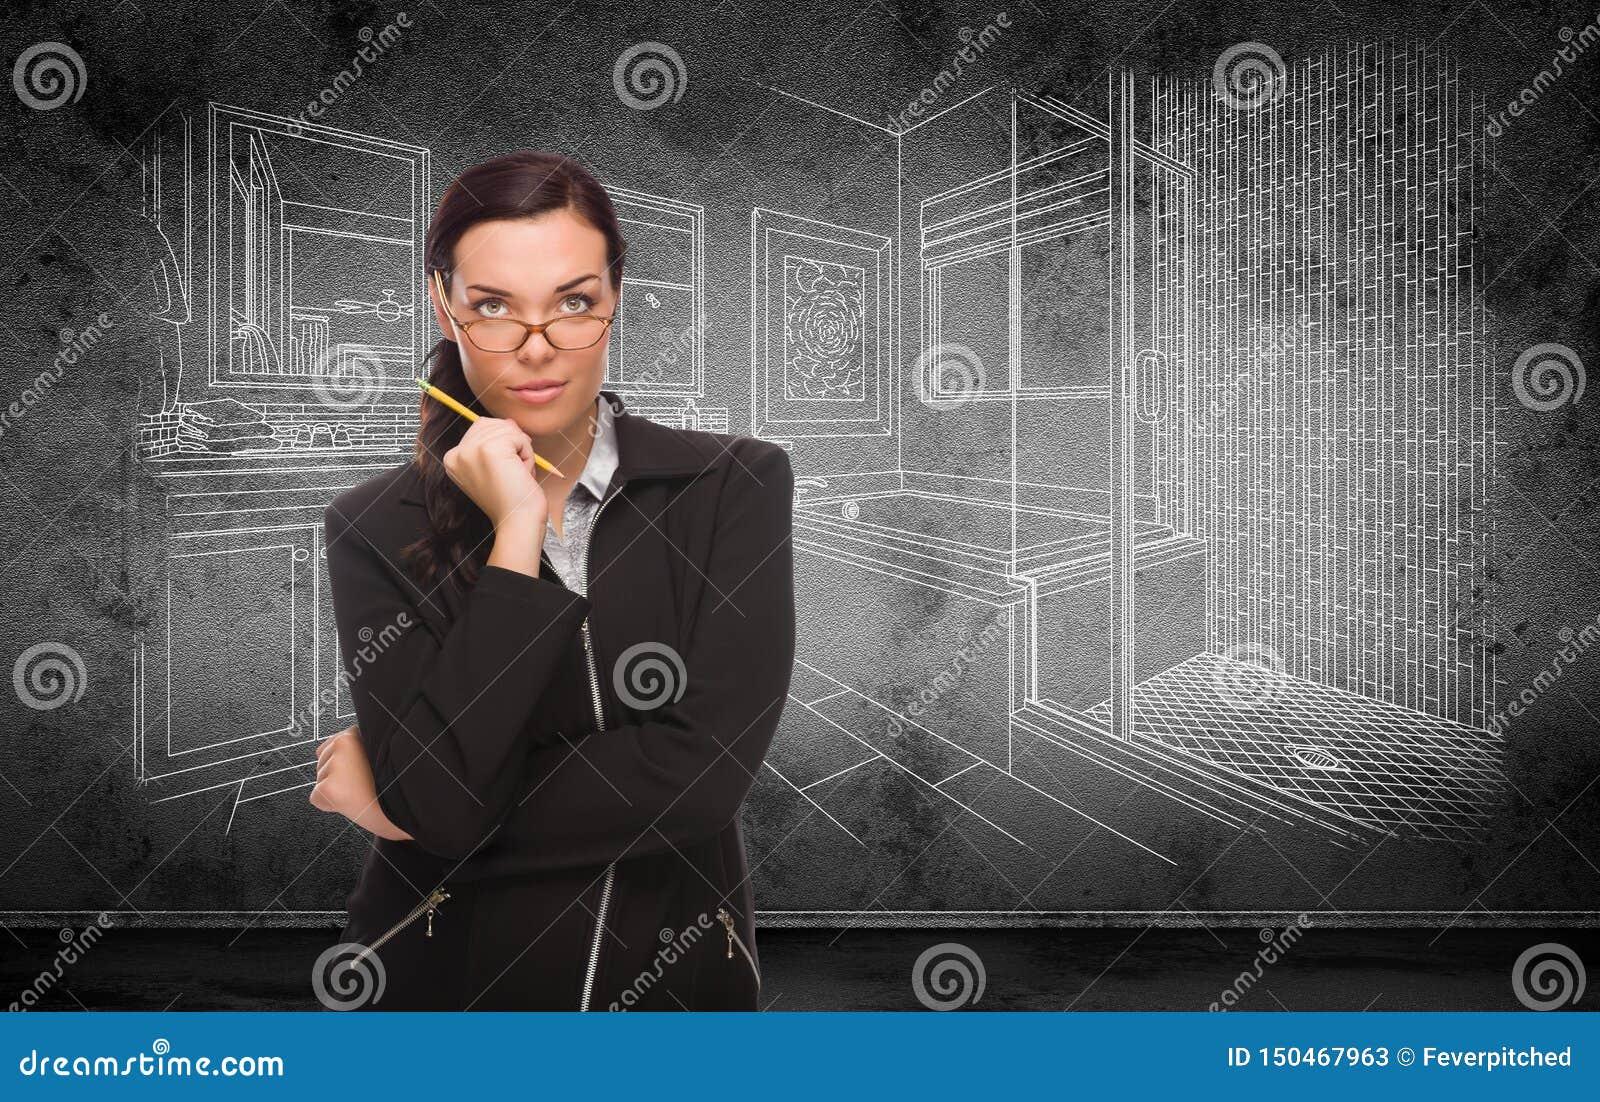 Jeune femme adulte avec le crayon devant le dessin d étude de salle de bains sur le mur